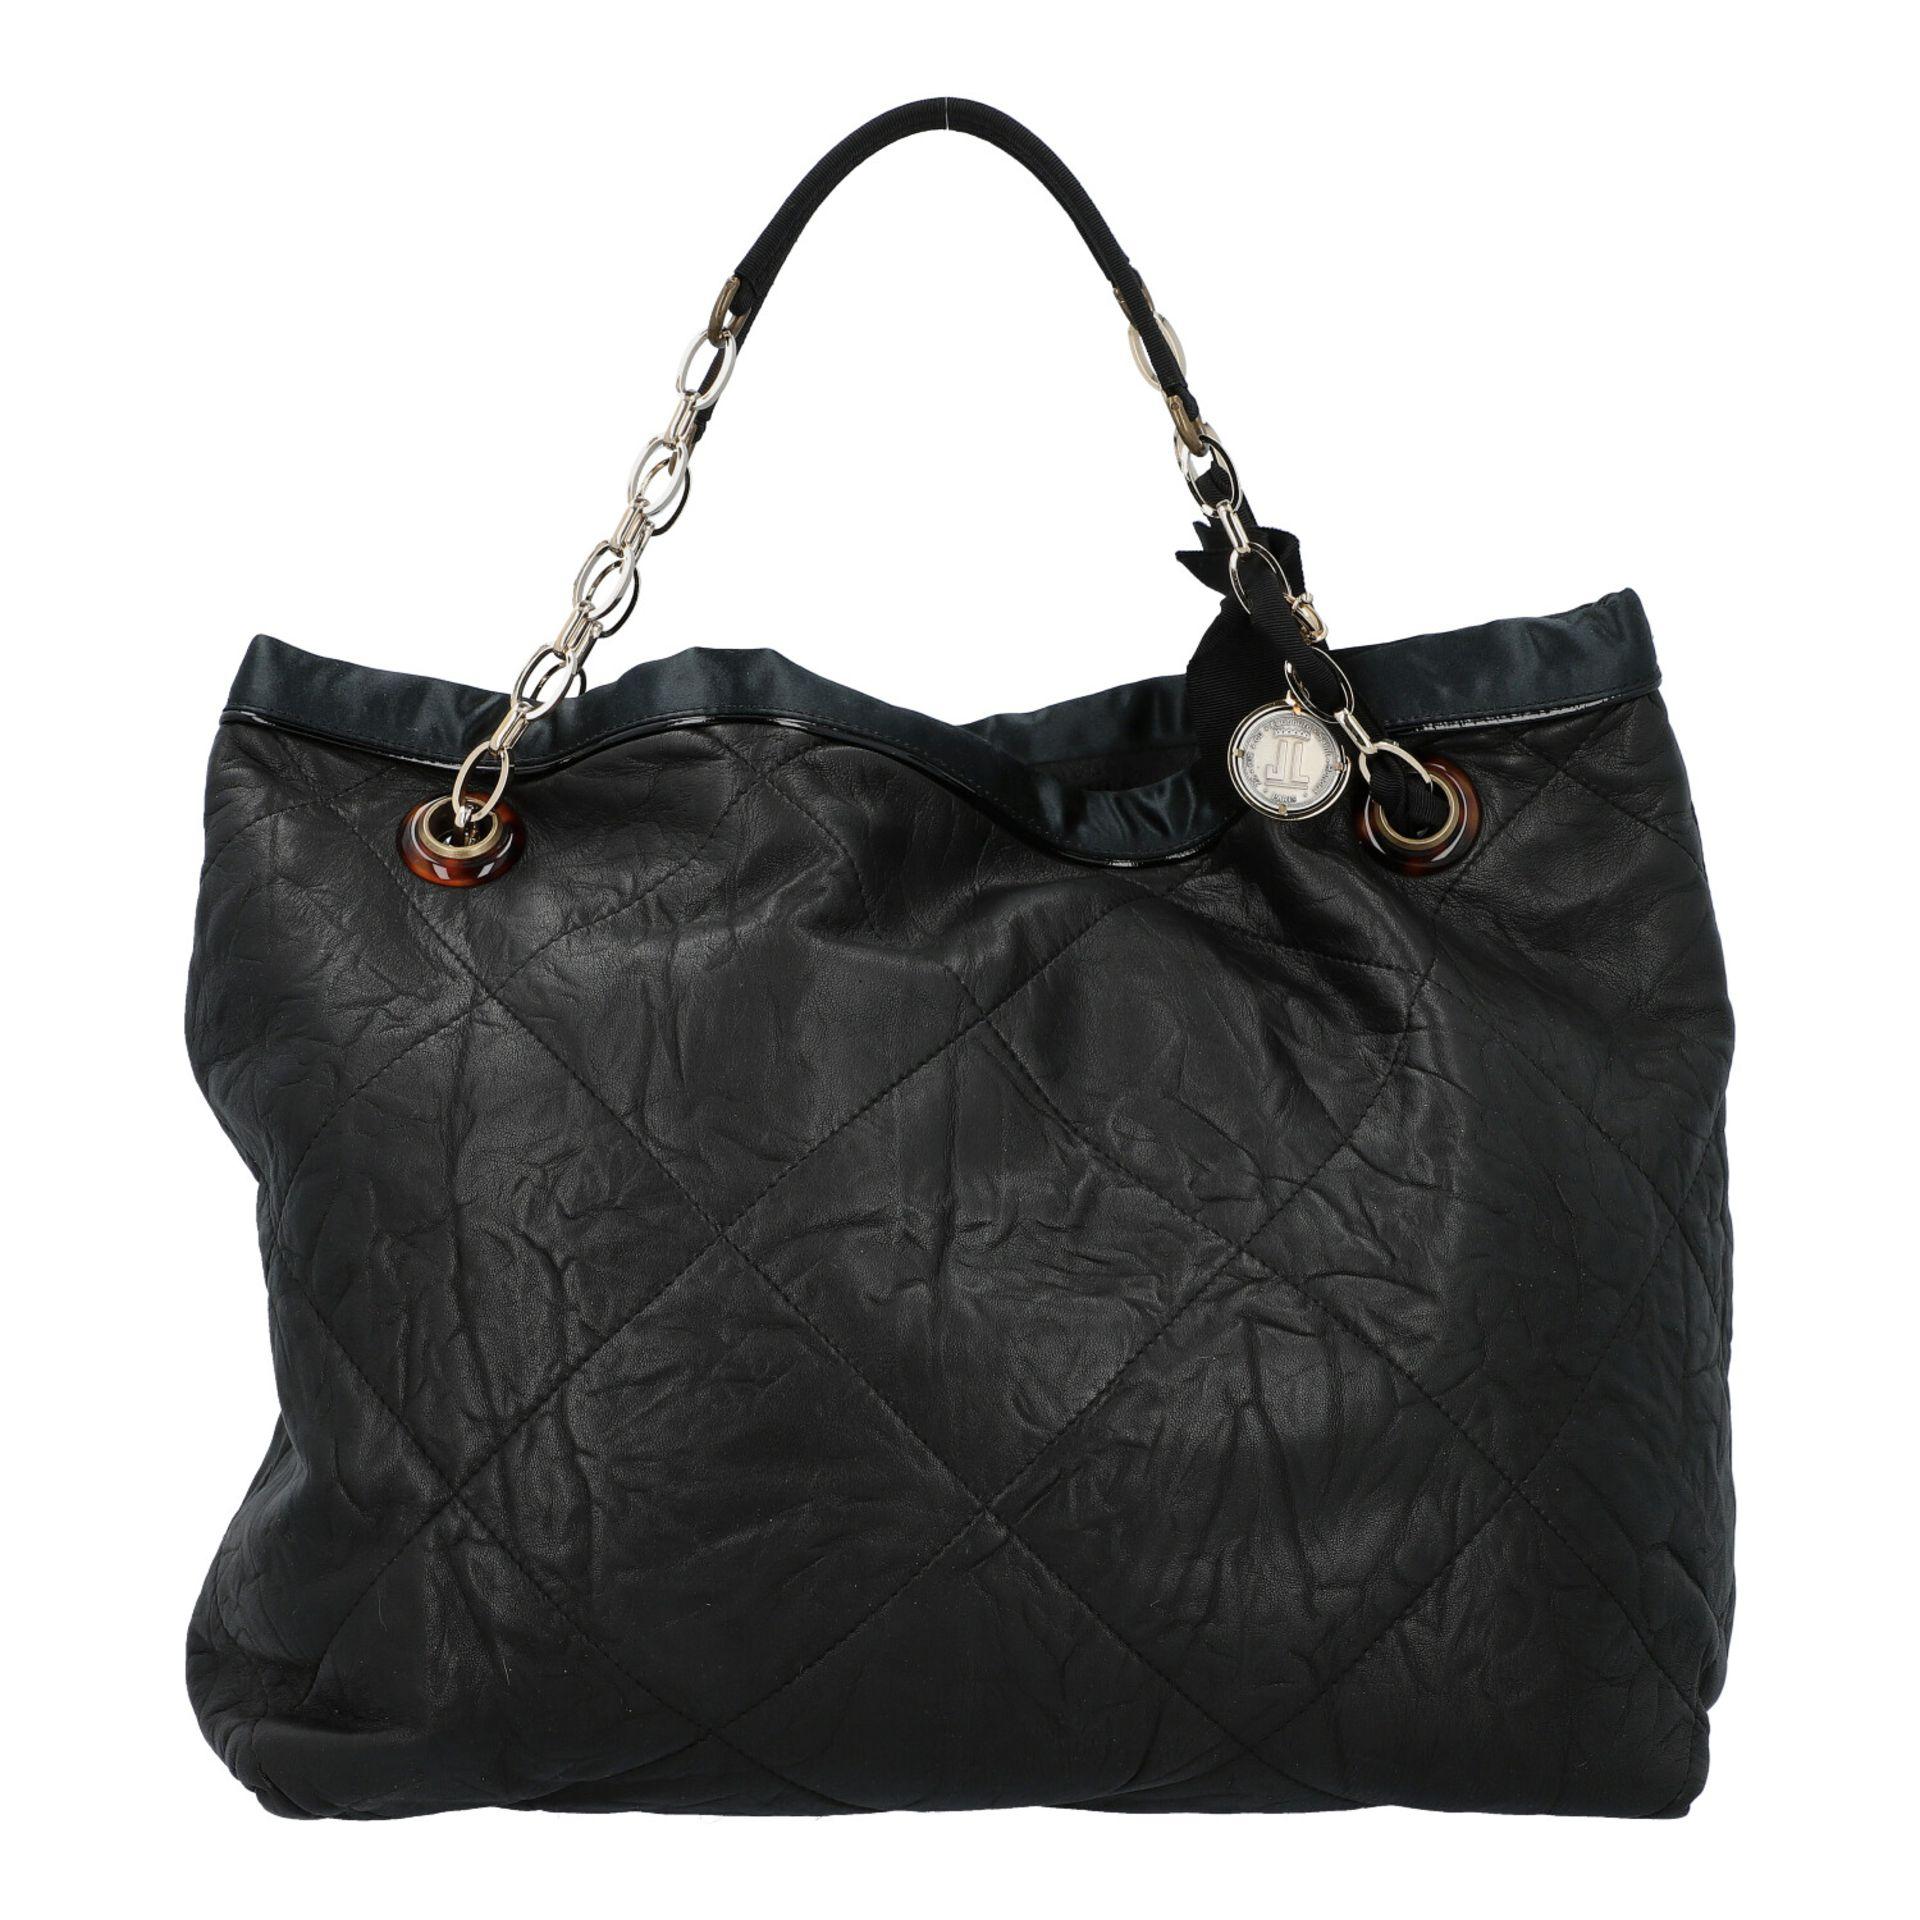 LANVIN Shoppertasche. Softes Leder in Schwarz mit Rautensteppung und dekorativen Trage